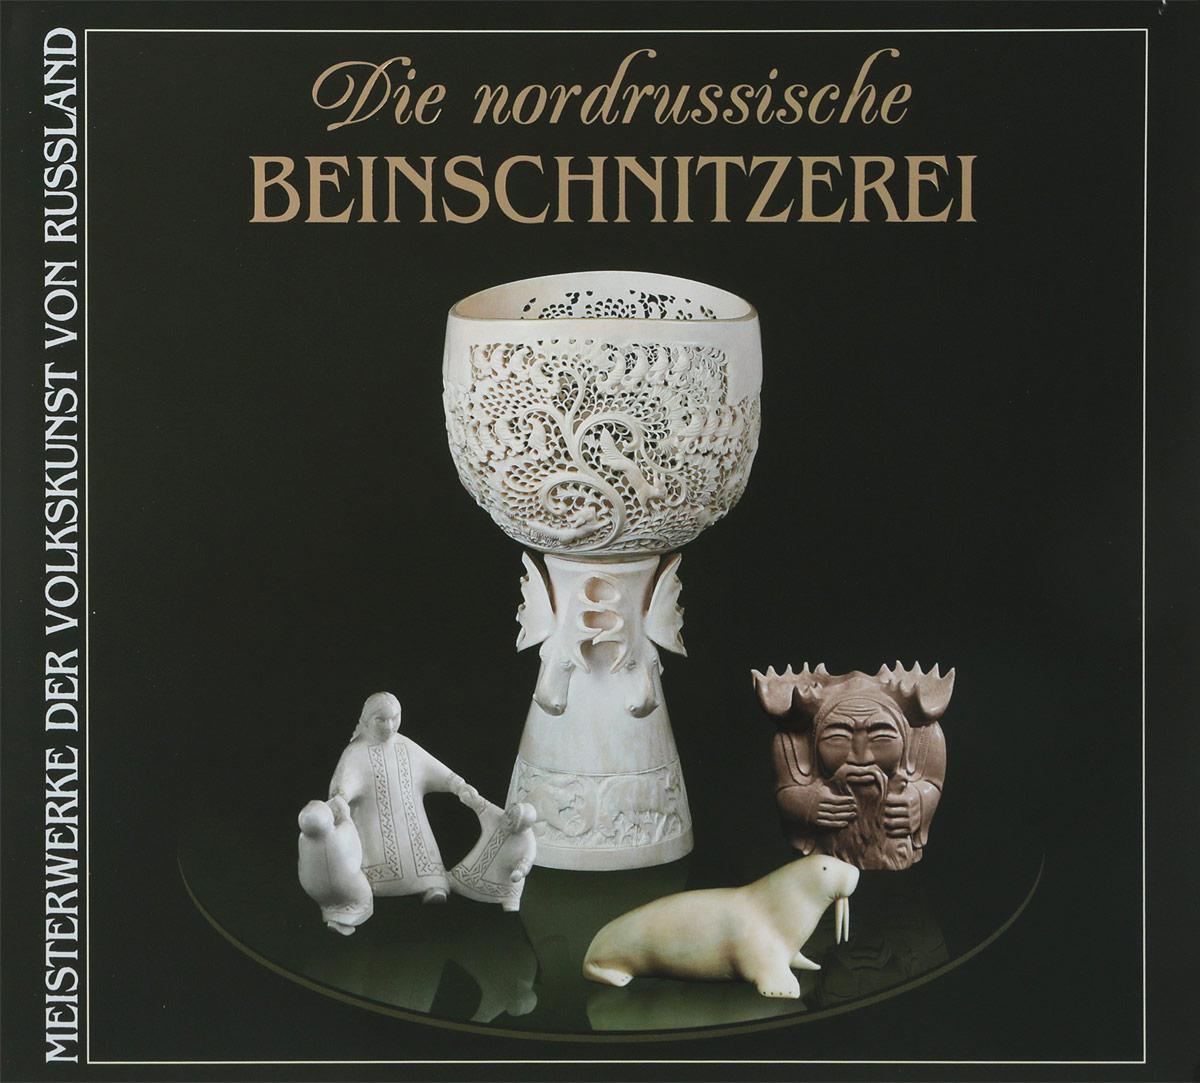 Северная резная кость / Die nordrussische beinschnitzerei (на немецком языке)